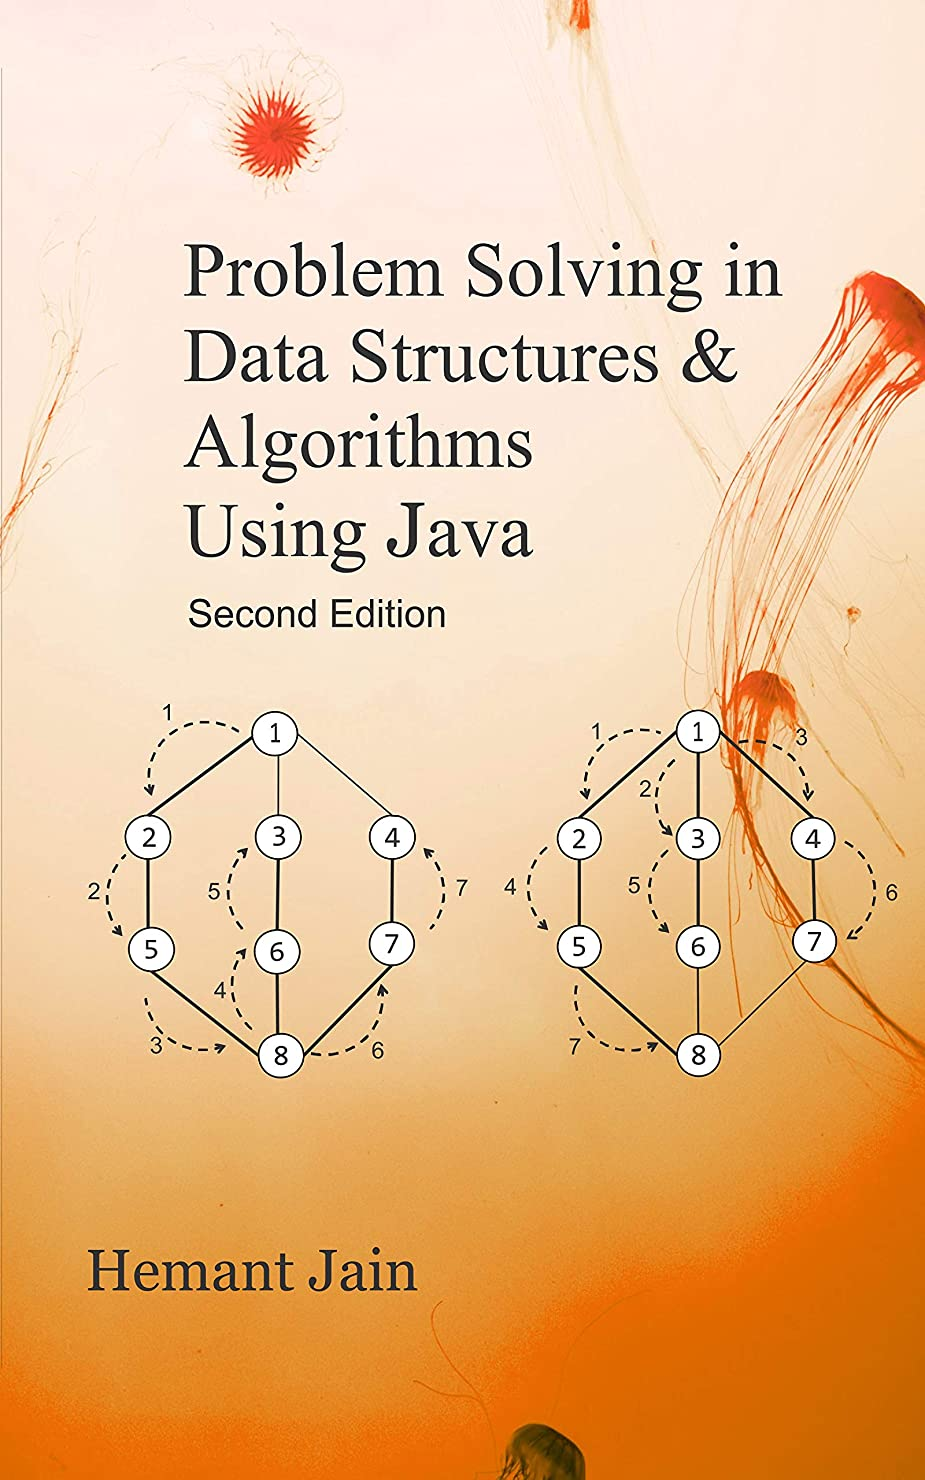 災難不毛入札Problem Solving in Data Structures & Algorithms Using Java (English Edition)